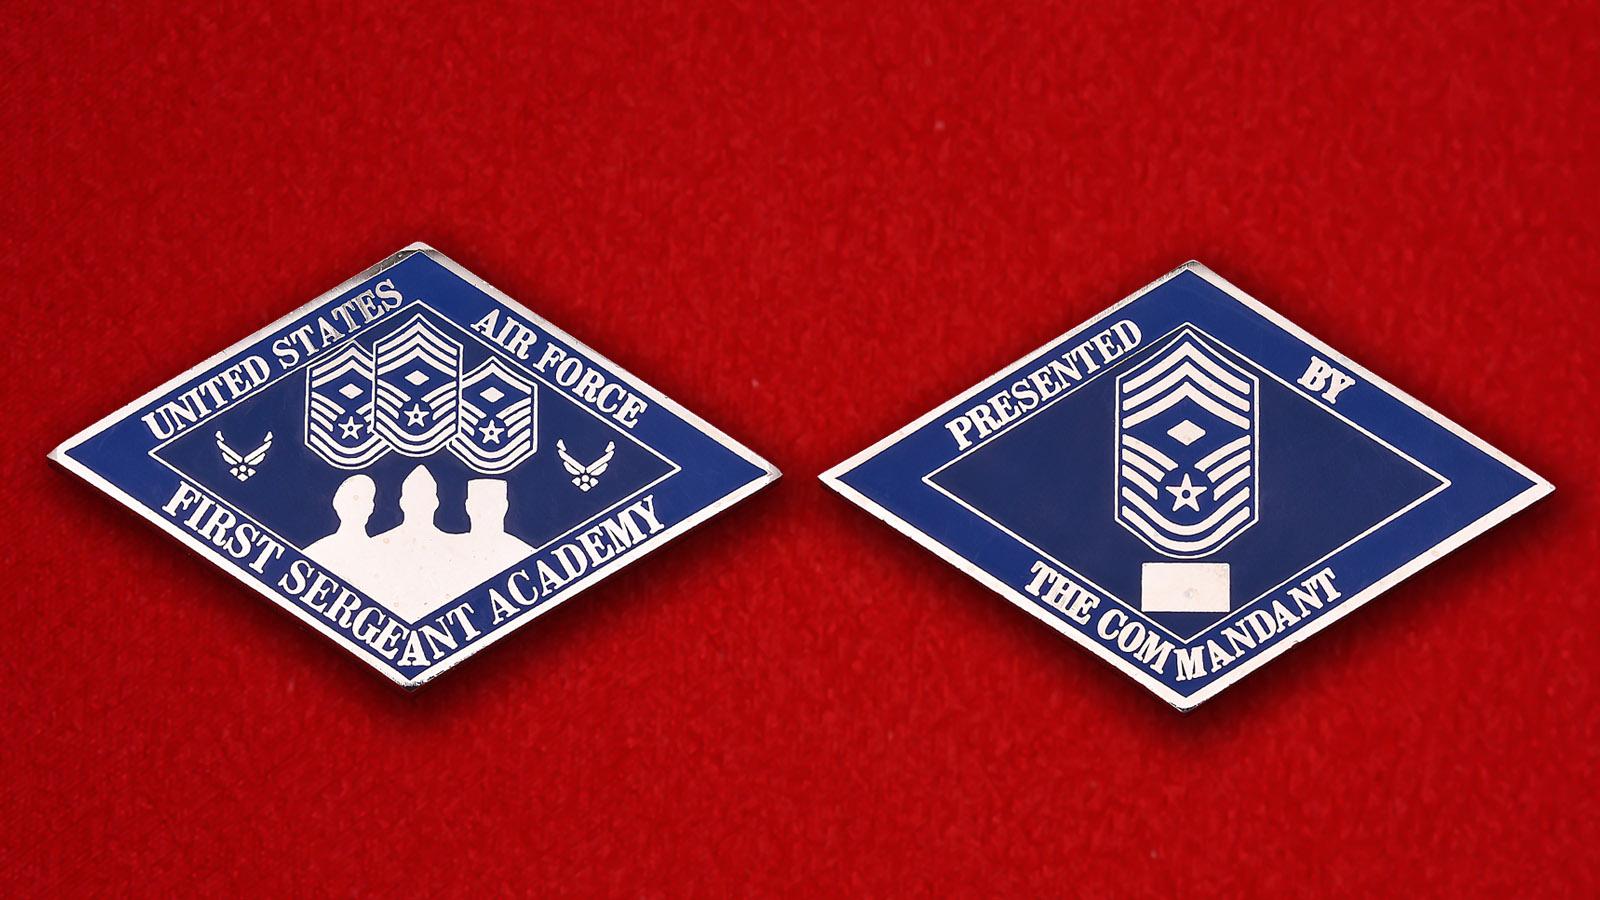 USAF First Sergeant Academy Challenge coin